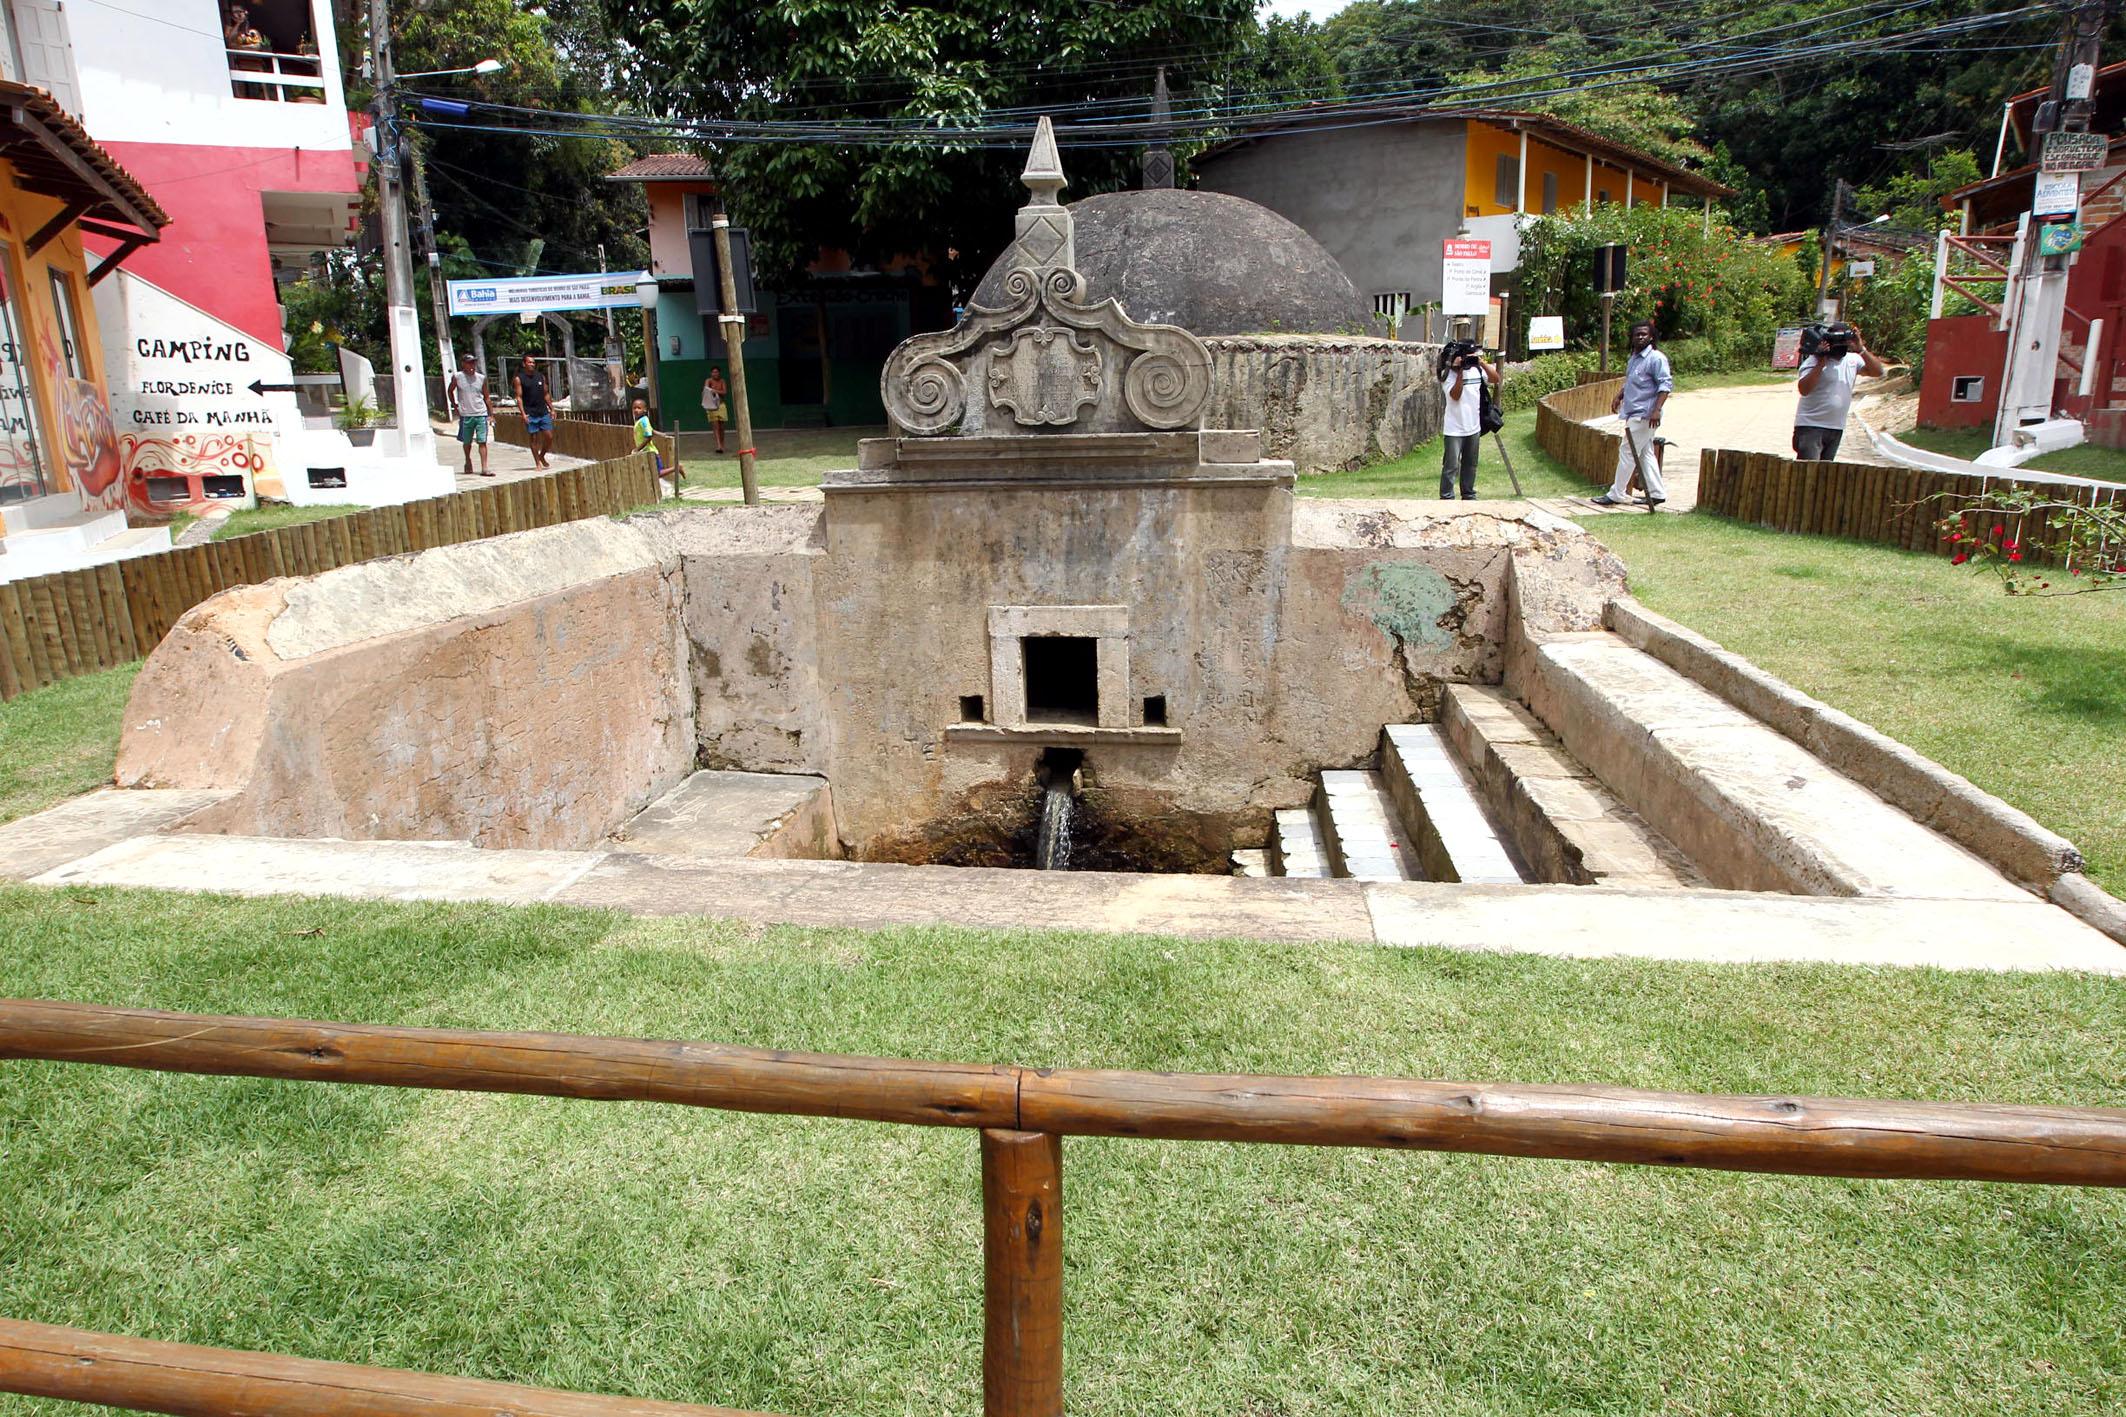 fonte de água do período colonial